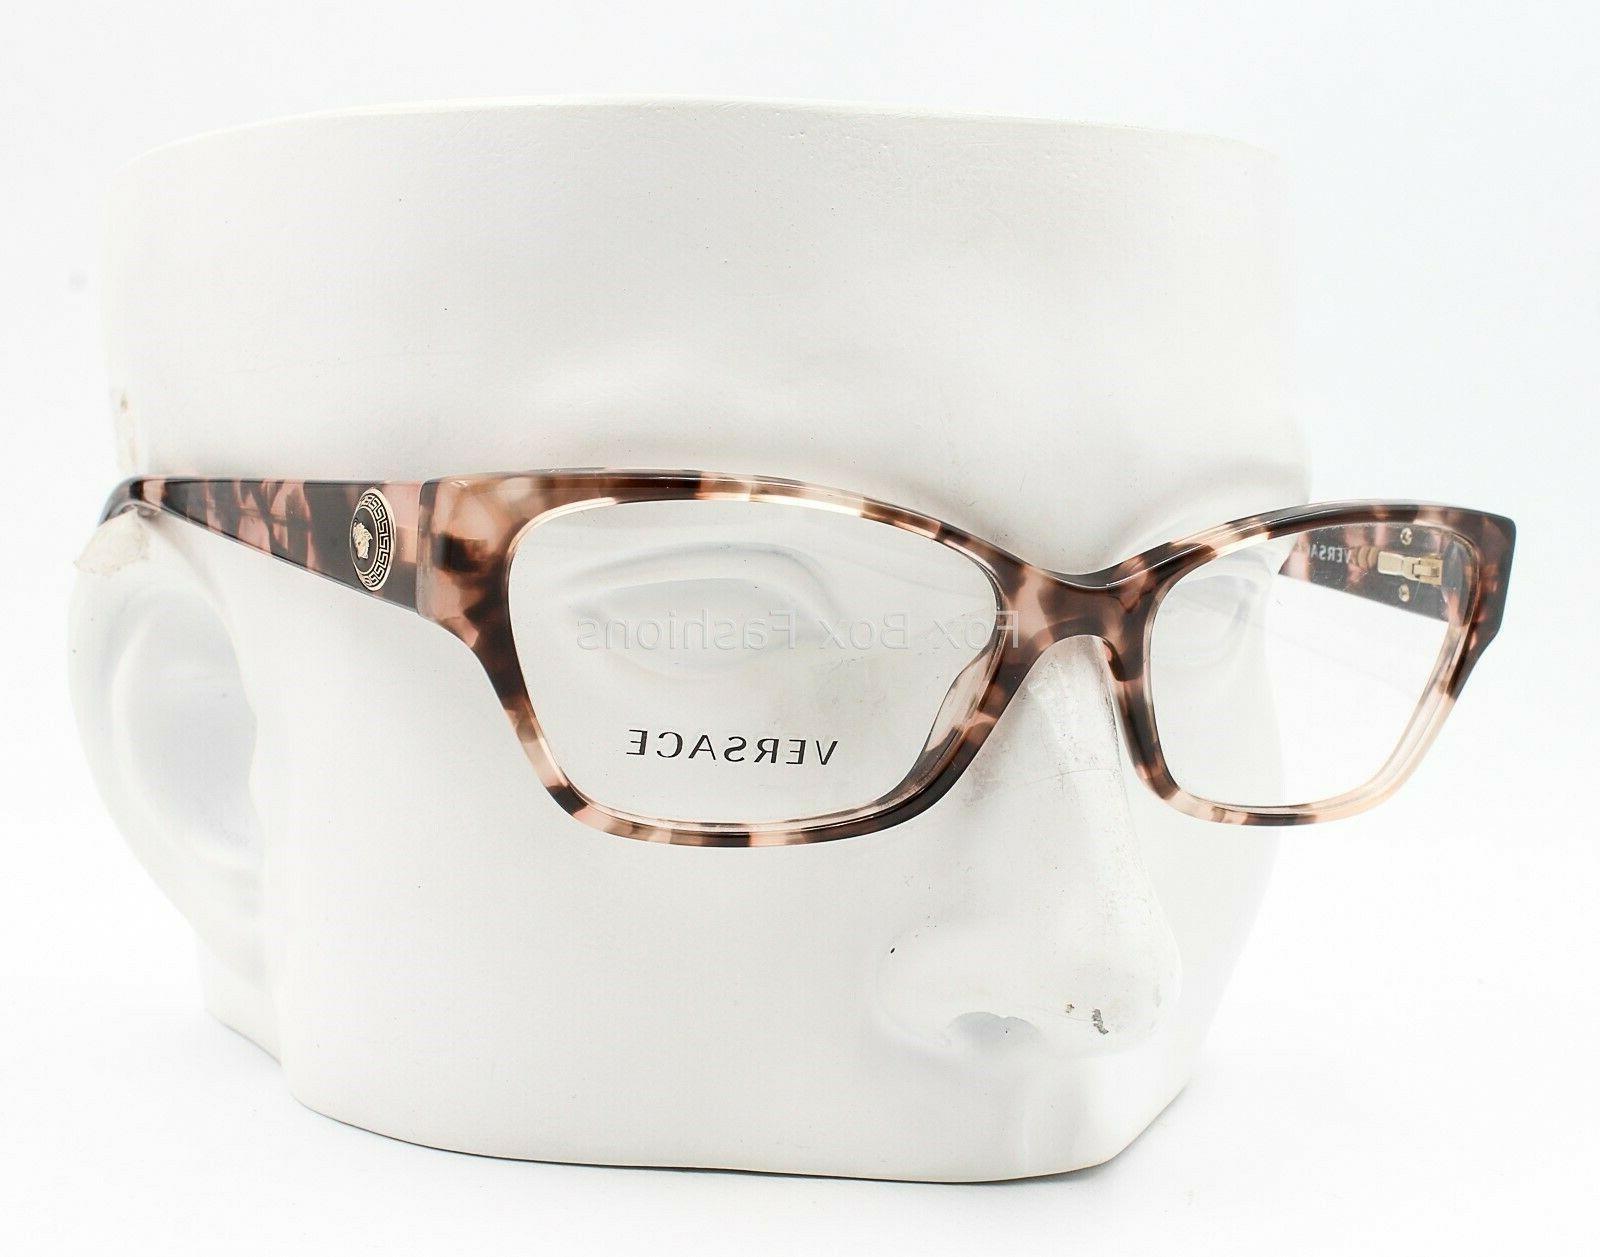 3172 999 eyeglasses frames glasses light pink